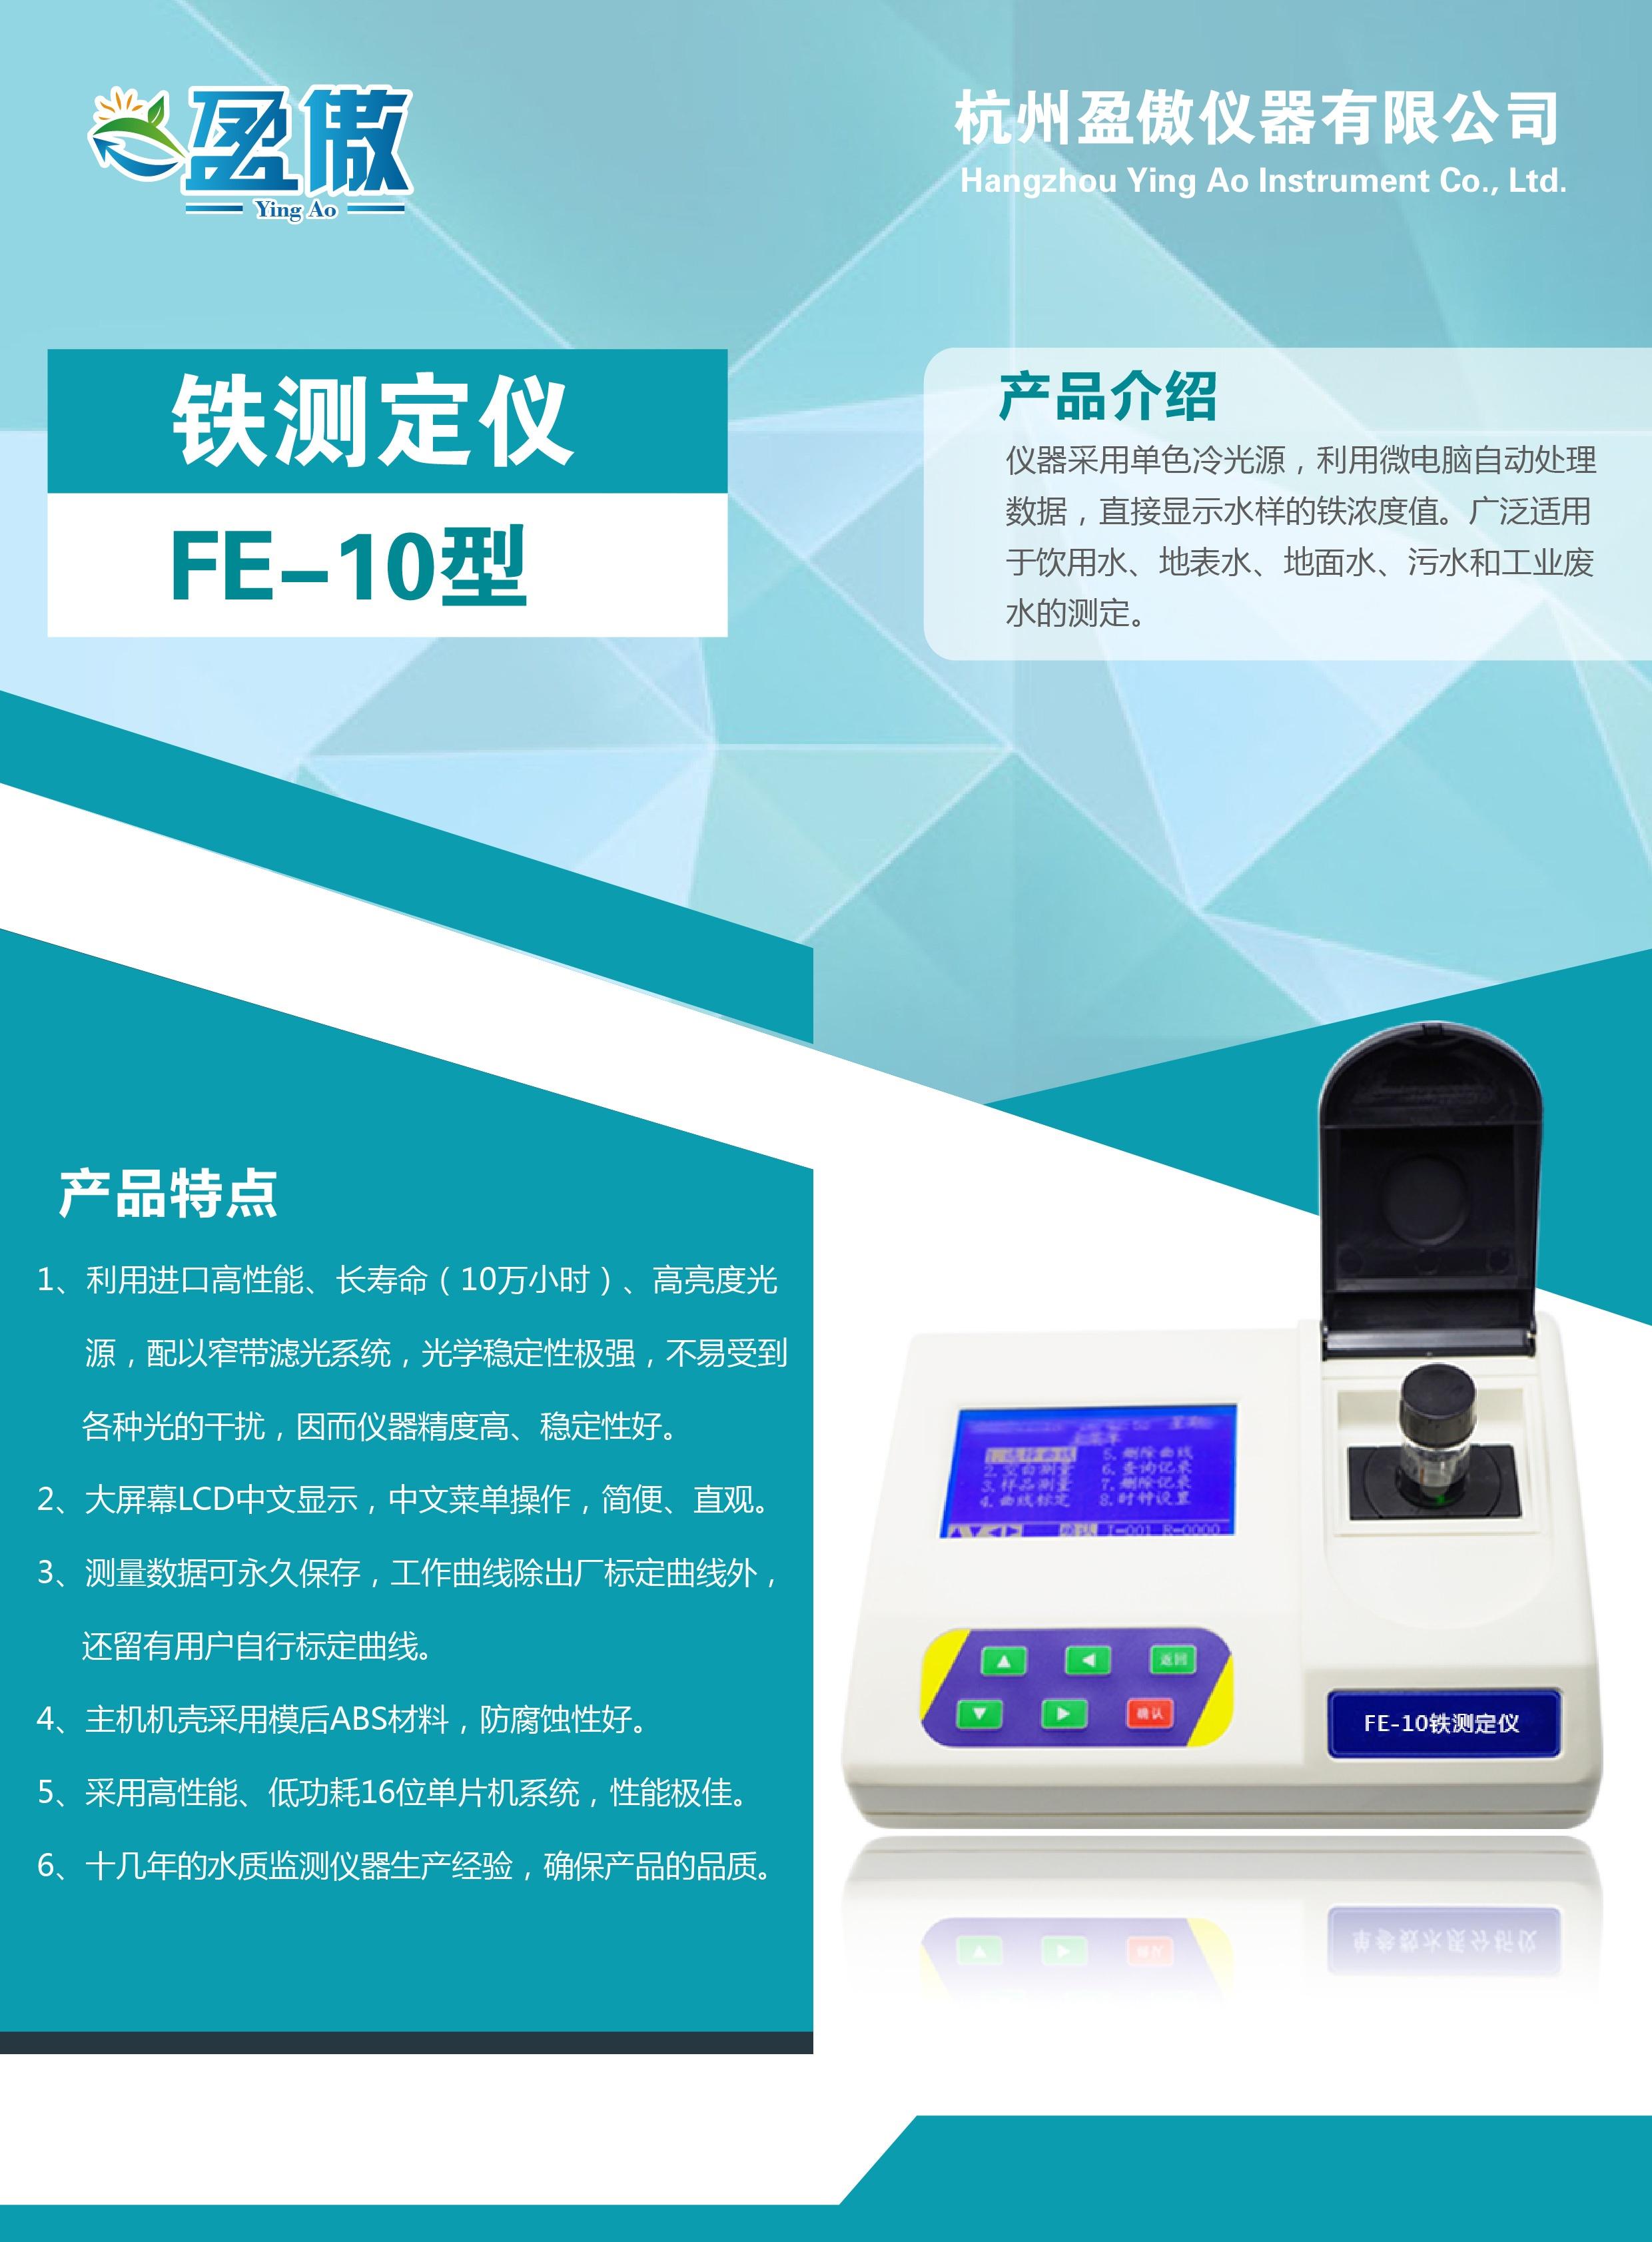 精密水质铁离子检测仪 快速测定水中Fe含量浓